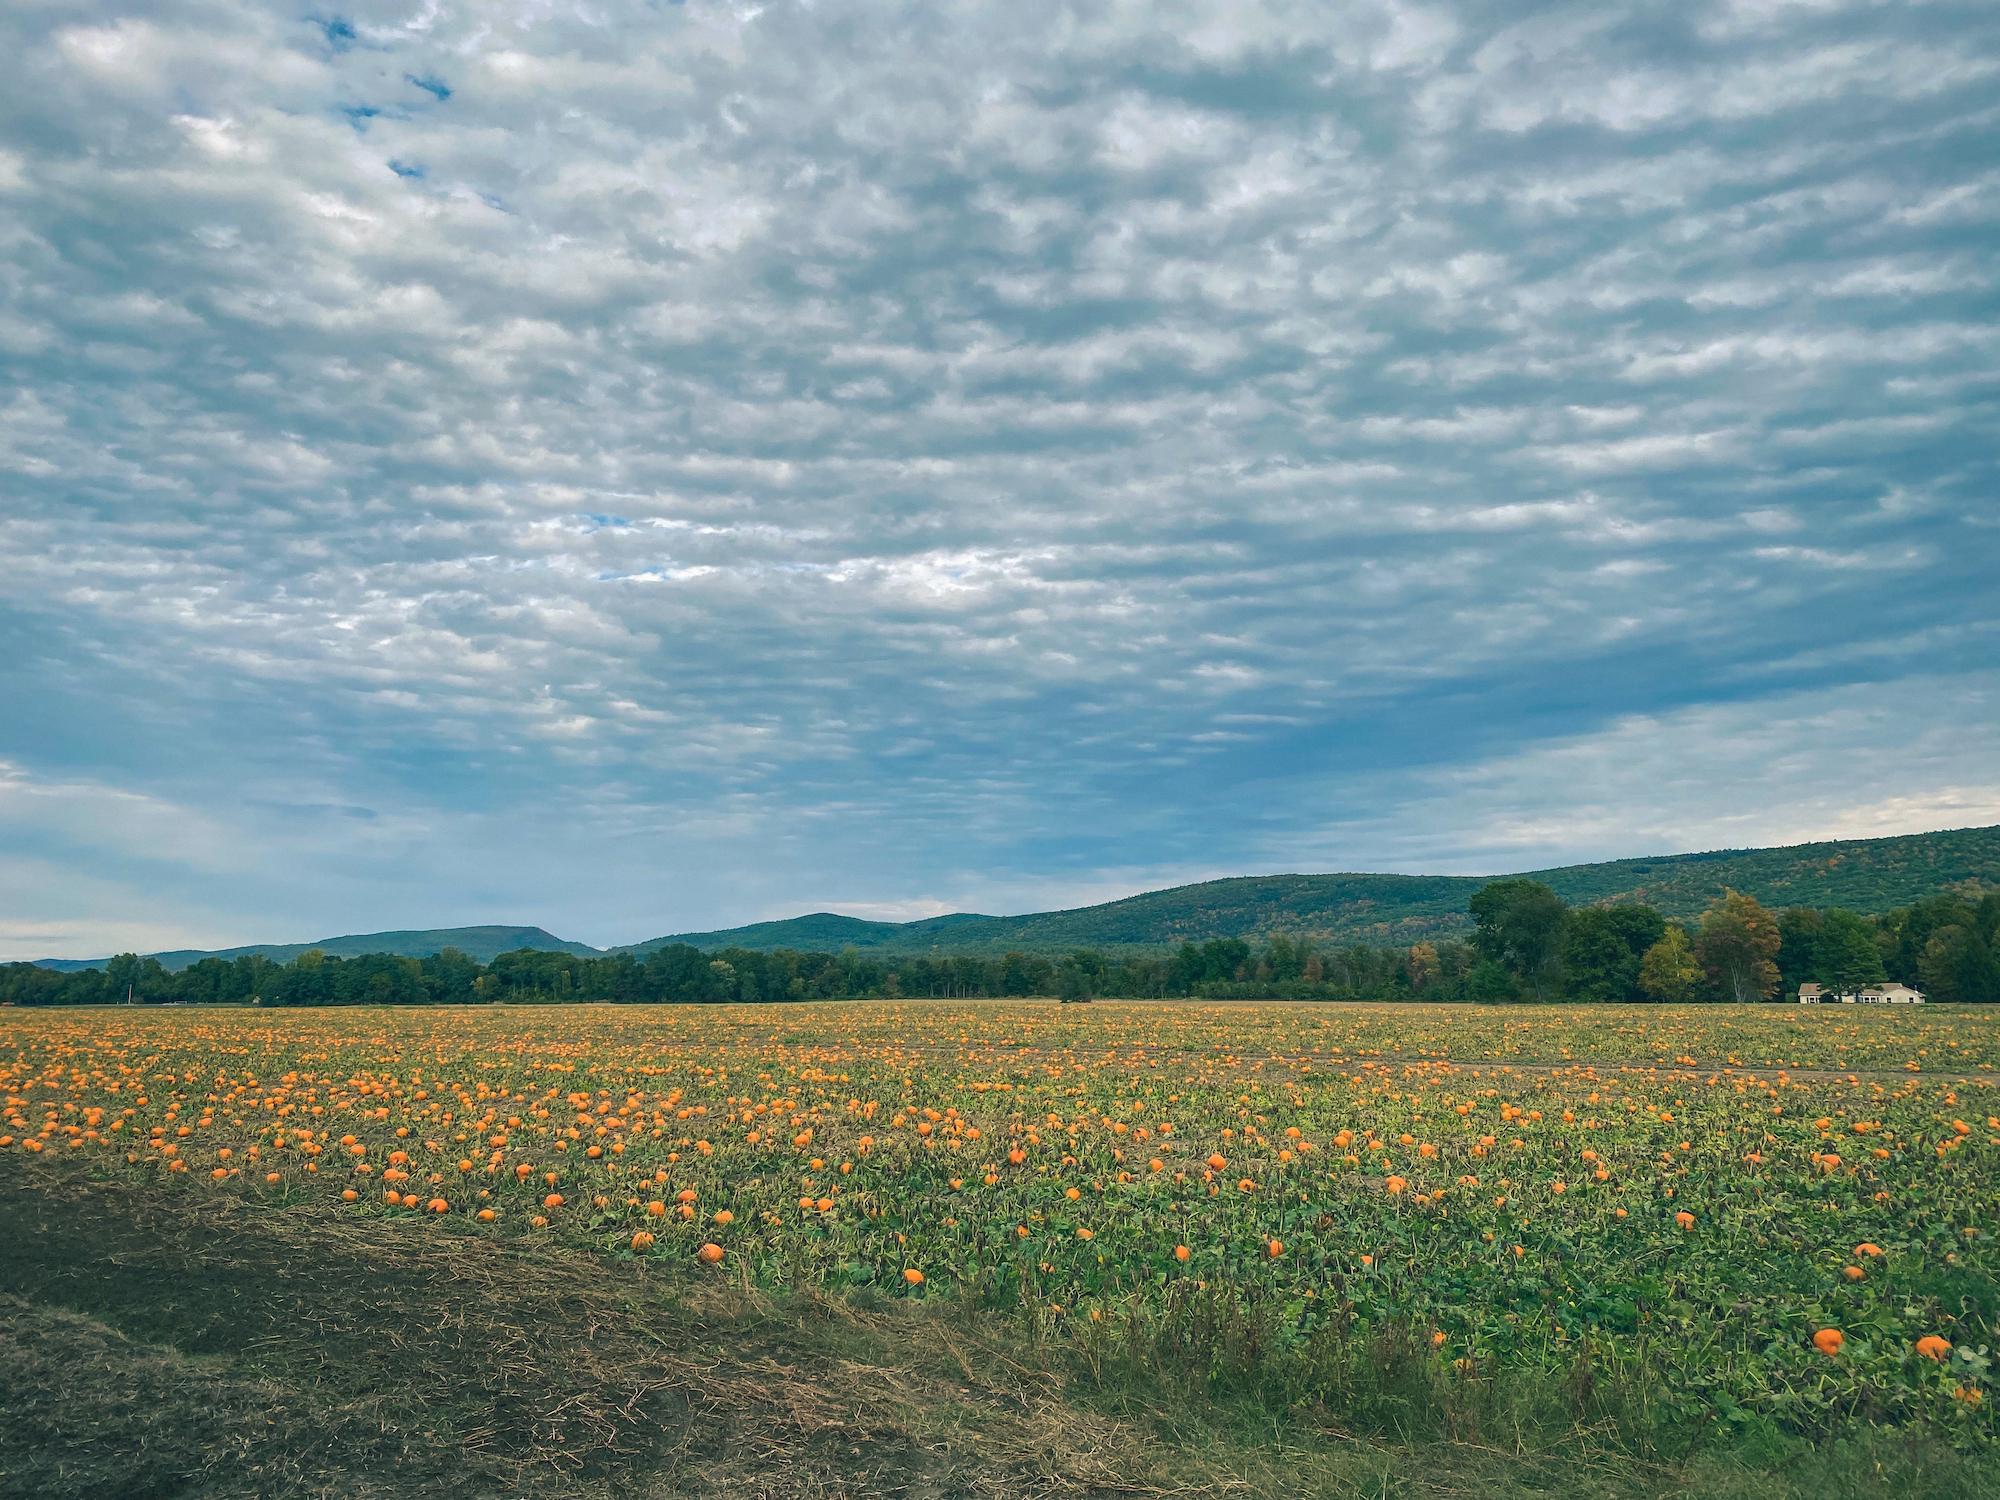 Pumpkin Field, Gill, MA